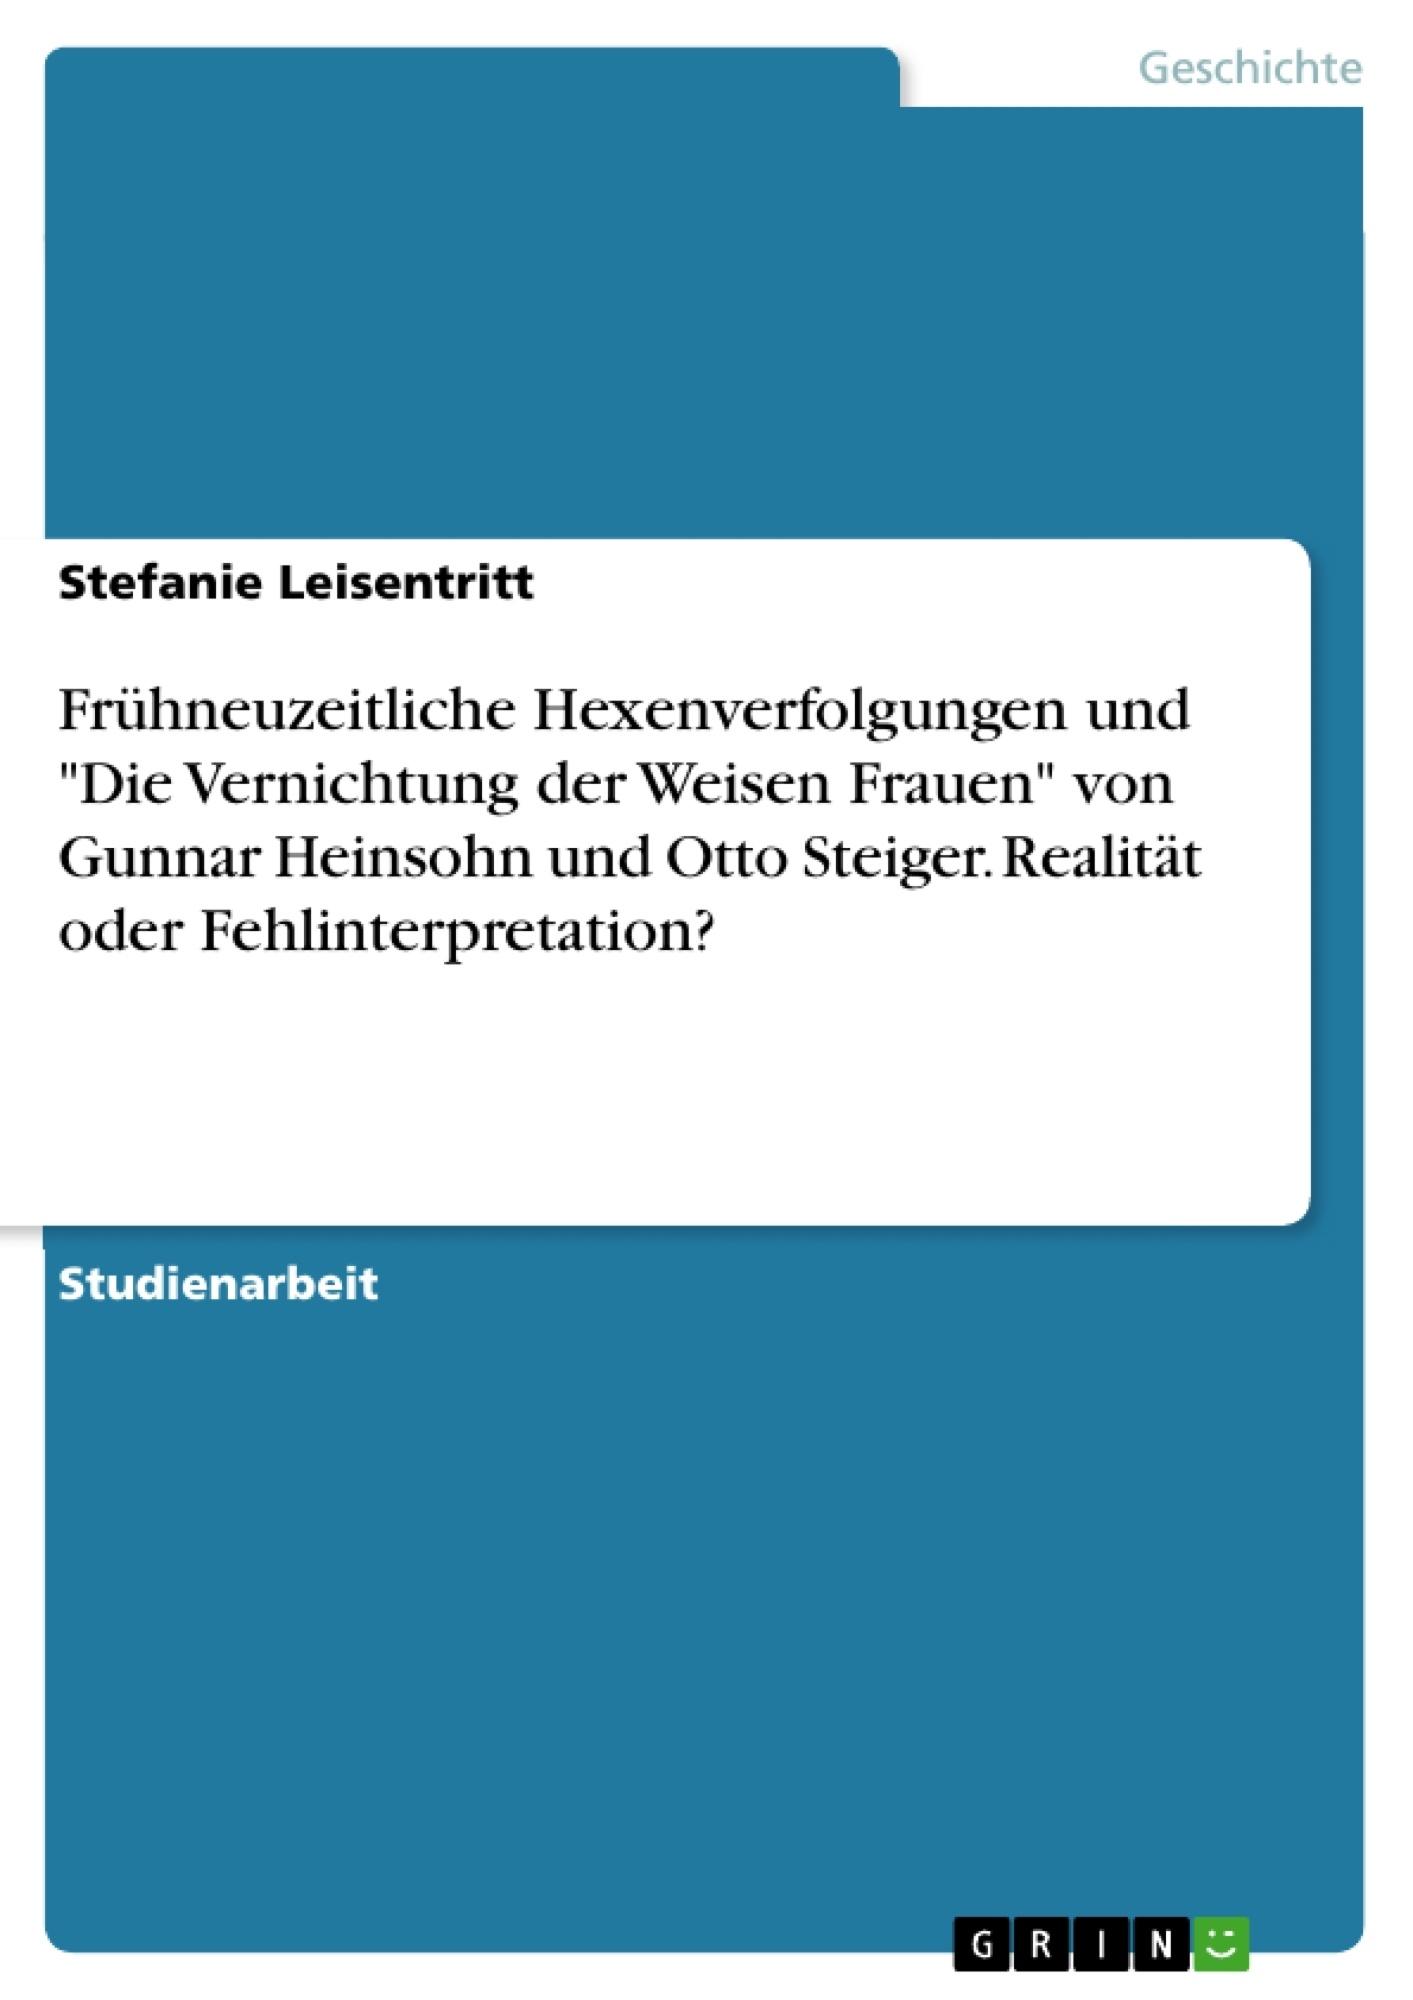 """Titel: Frühneuzeitliche Hexenverfolgungen und """"Die Vernichtung der Weisen Frauen"""" von Gunnar Heinsohn und Otto Steiger. Realität oder Fehlinterpretation?"""